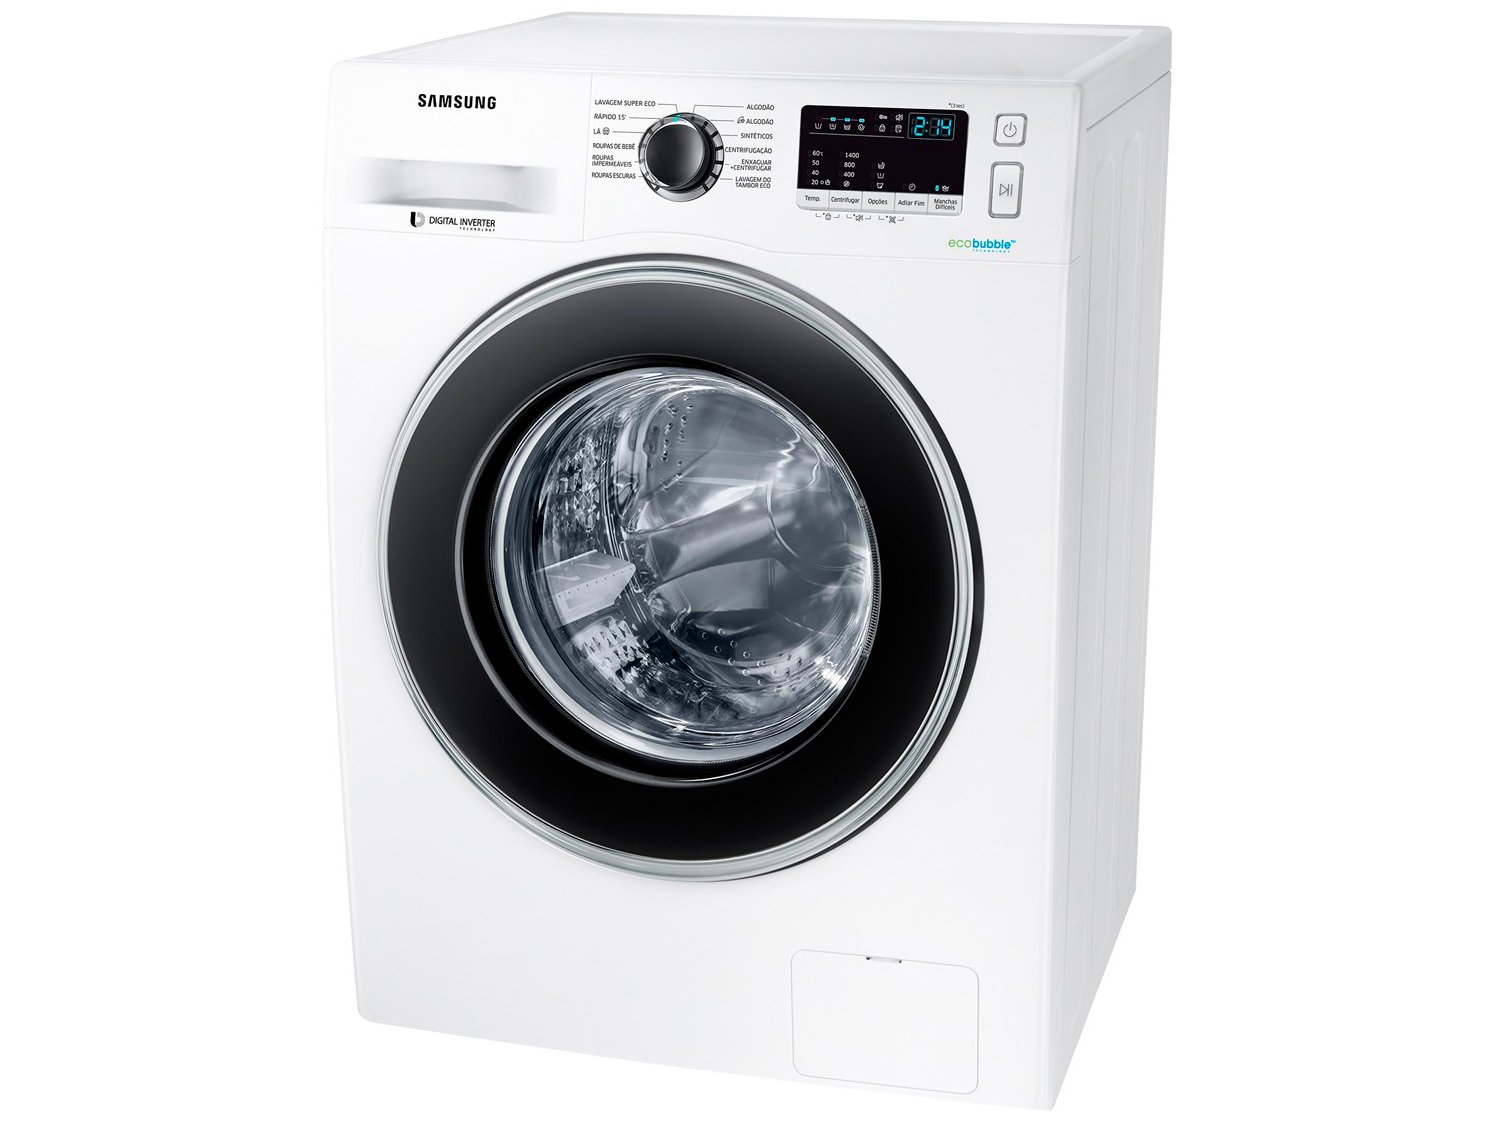 Lavadora de Roupas Samsung WW4000 WW11J4453JW/AZ - 11Kg Cesto Inox 12 Programas de Lavagem - 110 V - 3